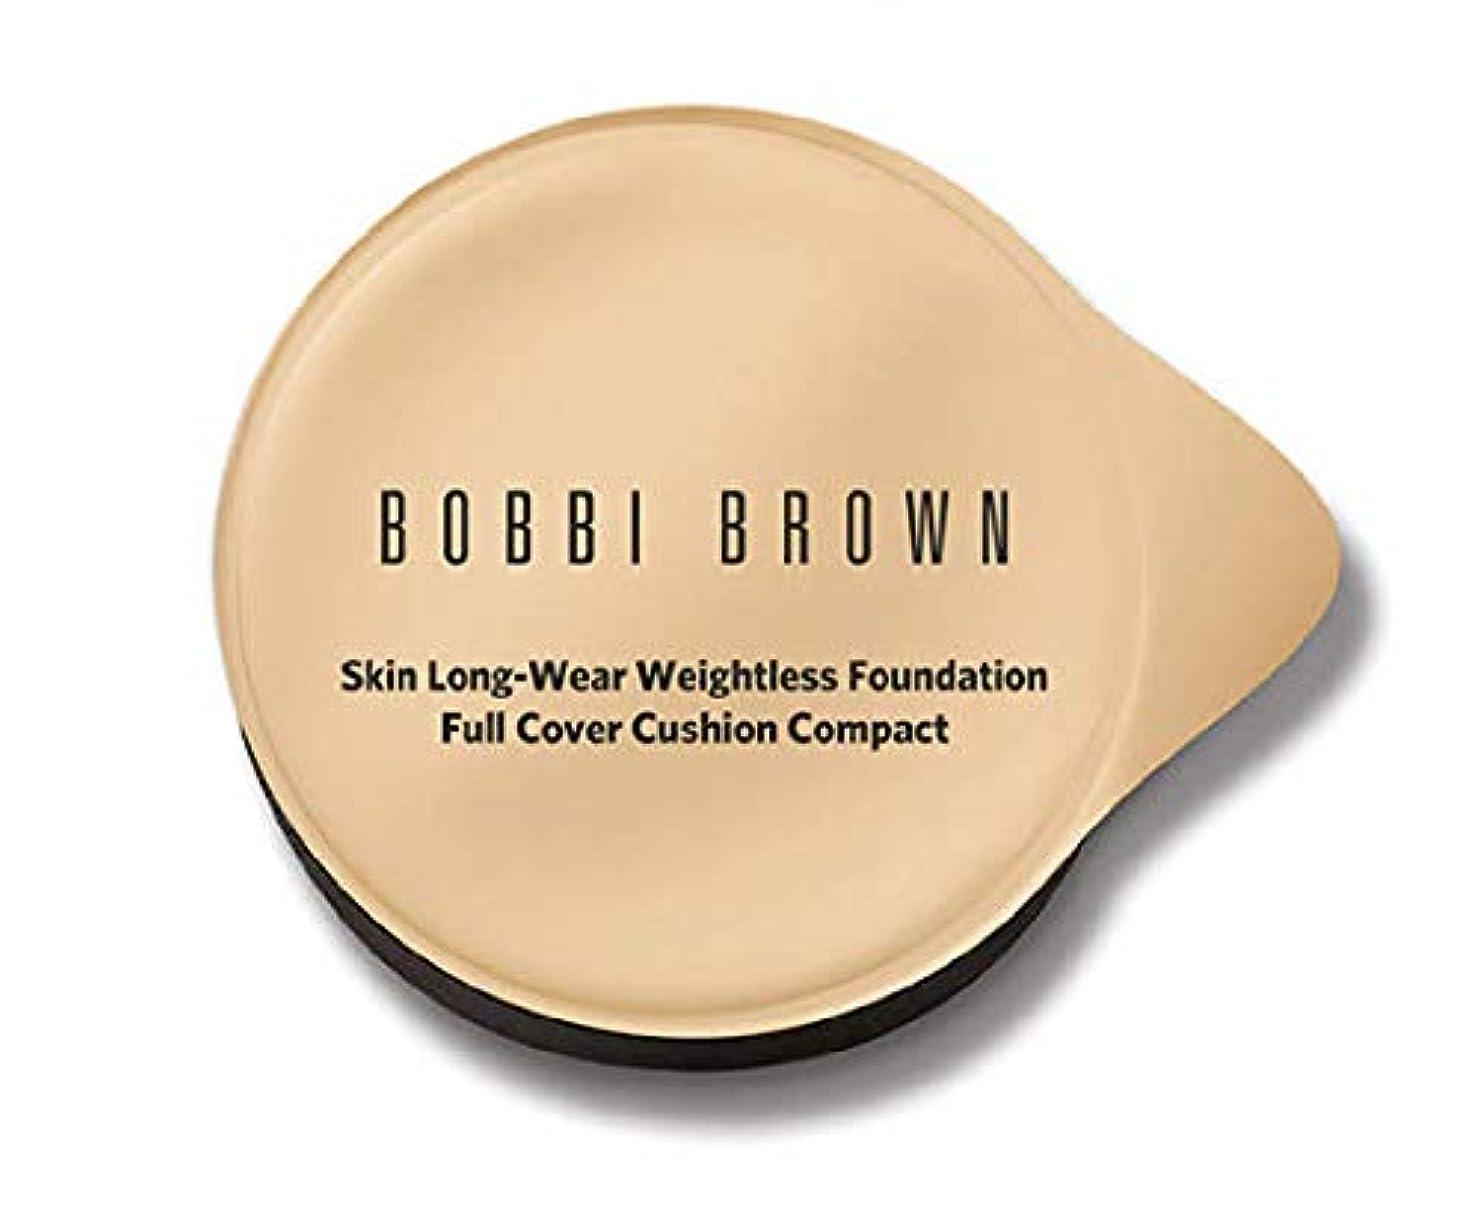 仮説分布有名ボビーブラウンスキンロングウェアウエストレスファンデーションフルカバークッションコンパクトレフィル(スポンジ付)5色展開 (ミディアム)